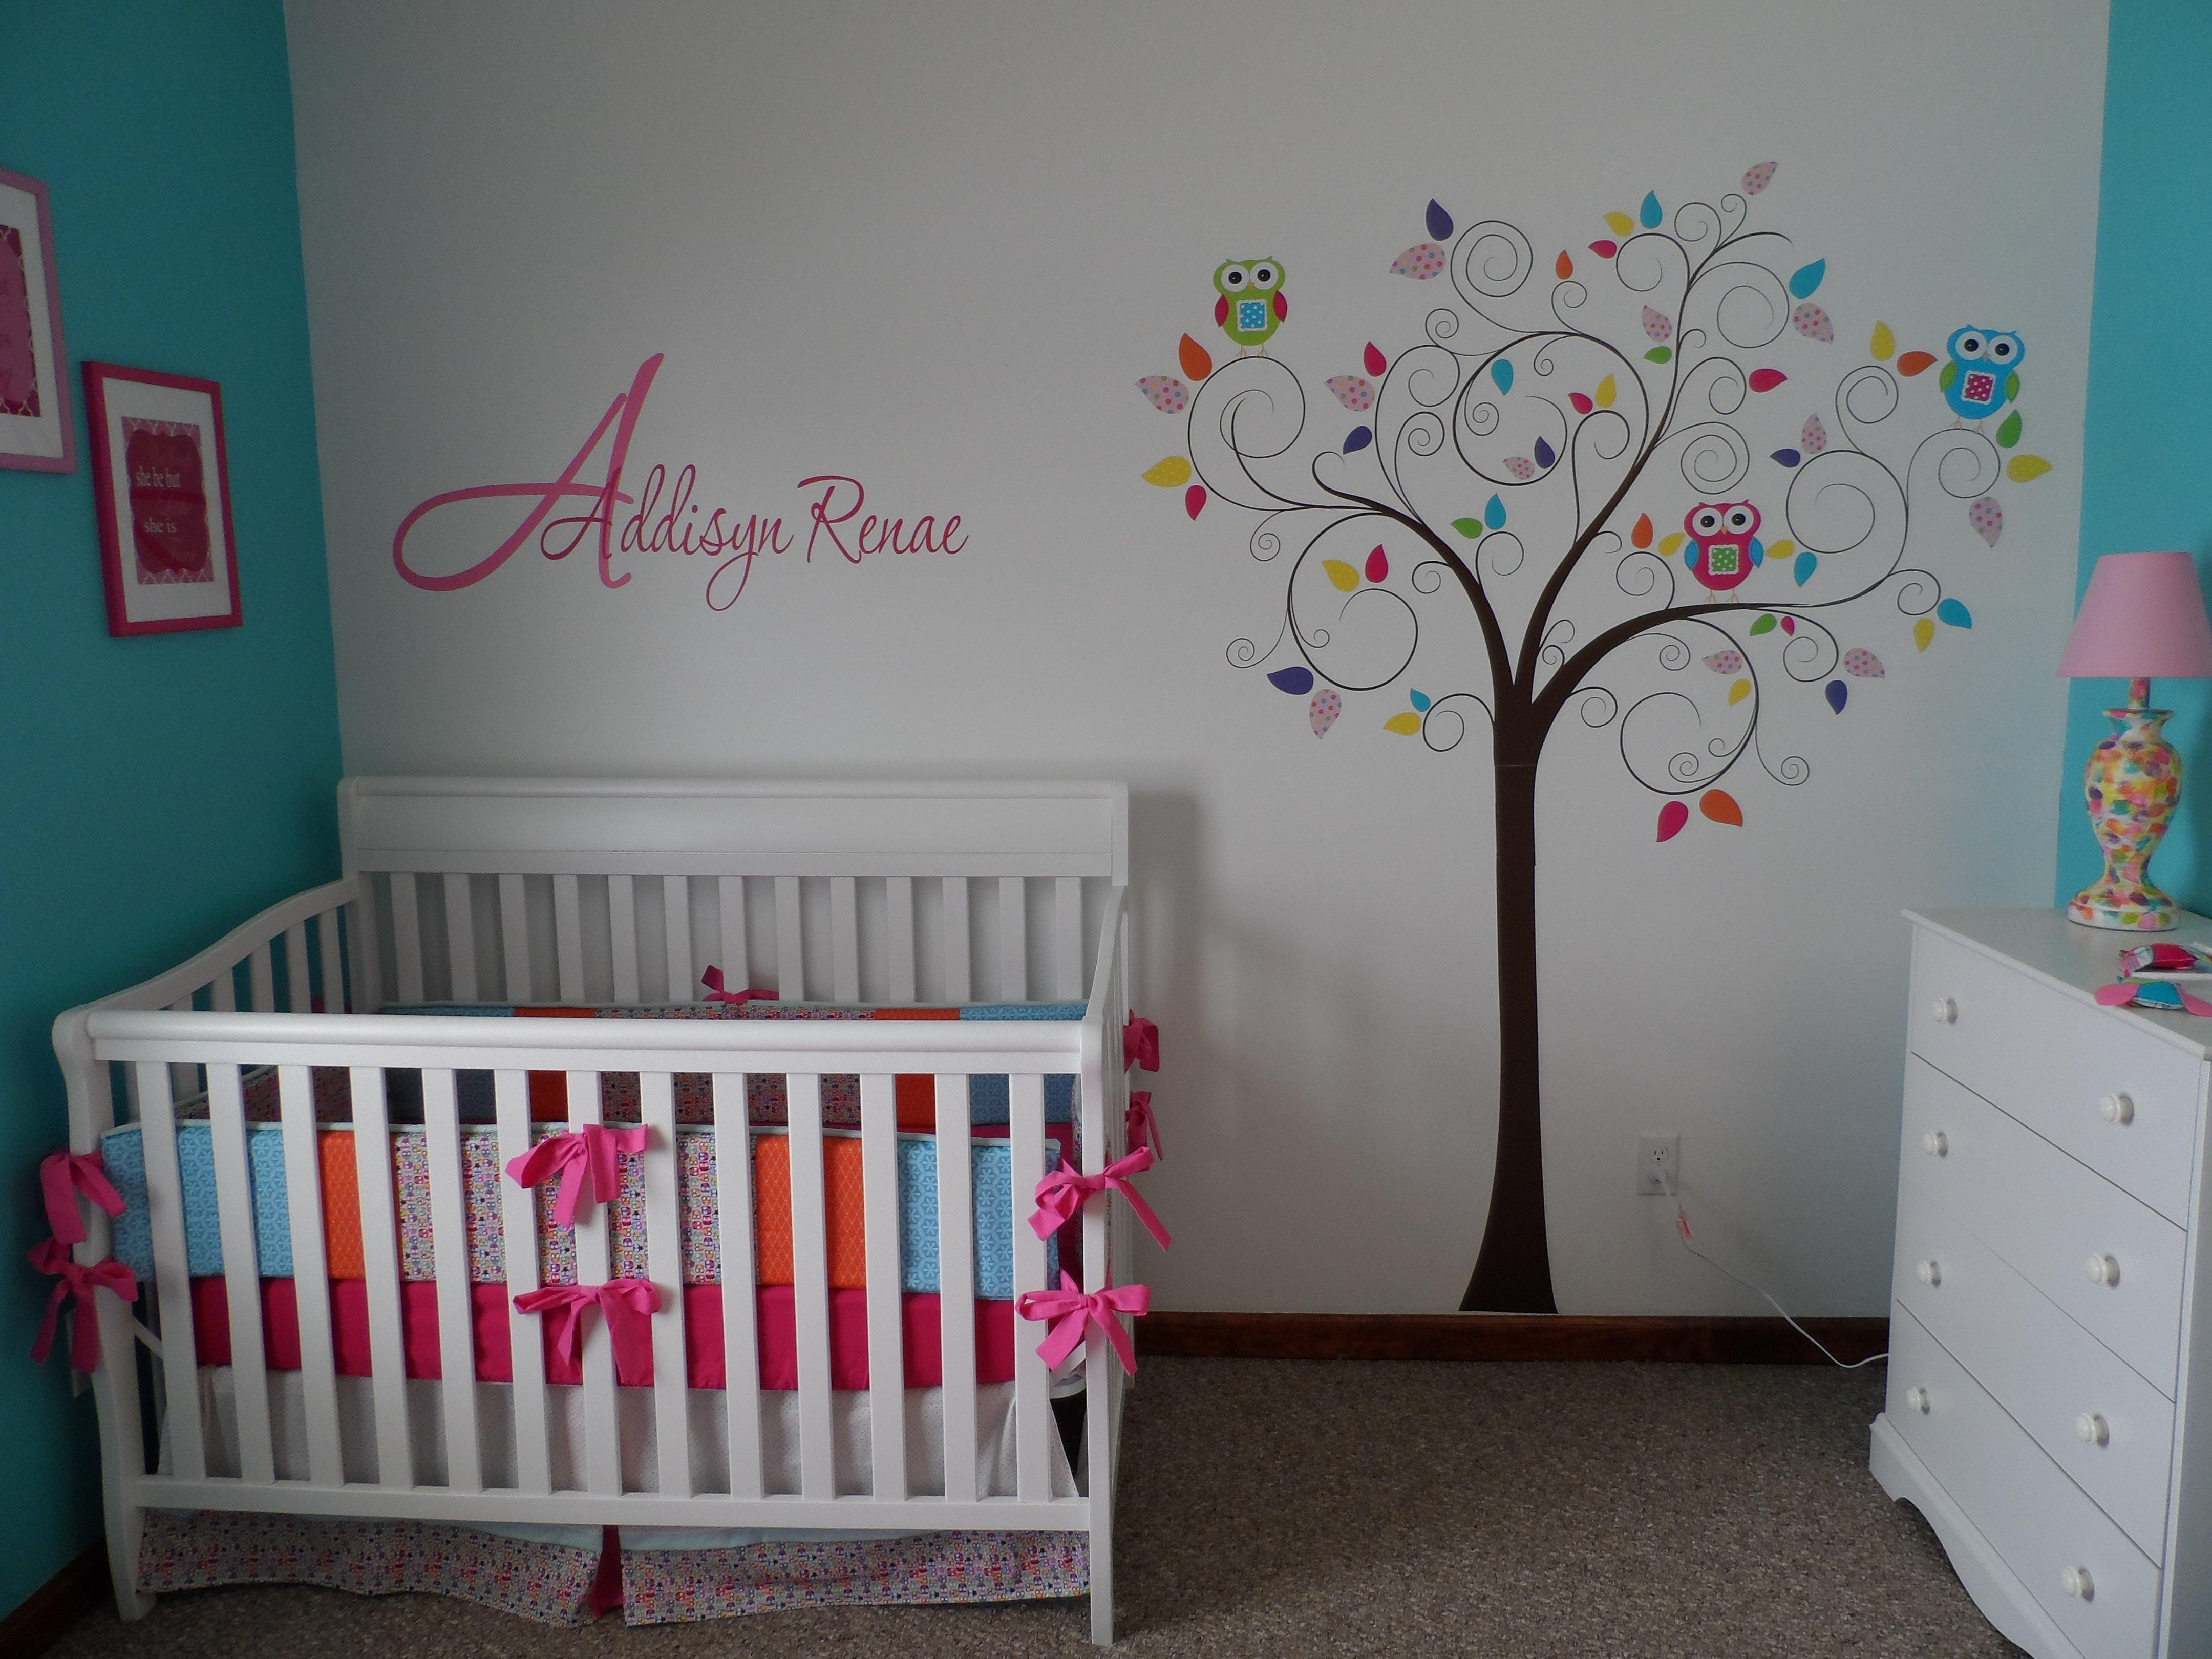 10 Fabulous Baby Girl Themed Nursery Ideas baby girl owl themed nursery aryan pinterest dma homes 56726 2021